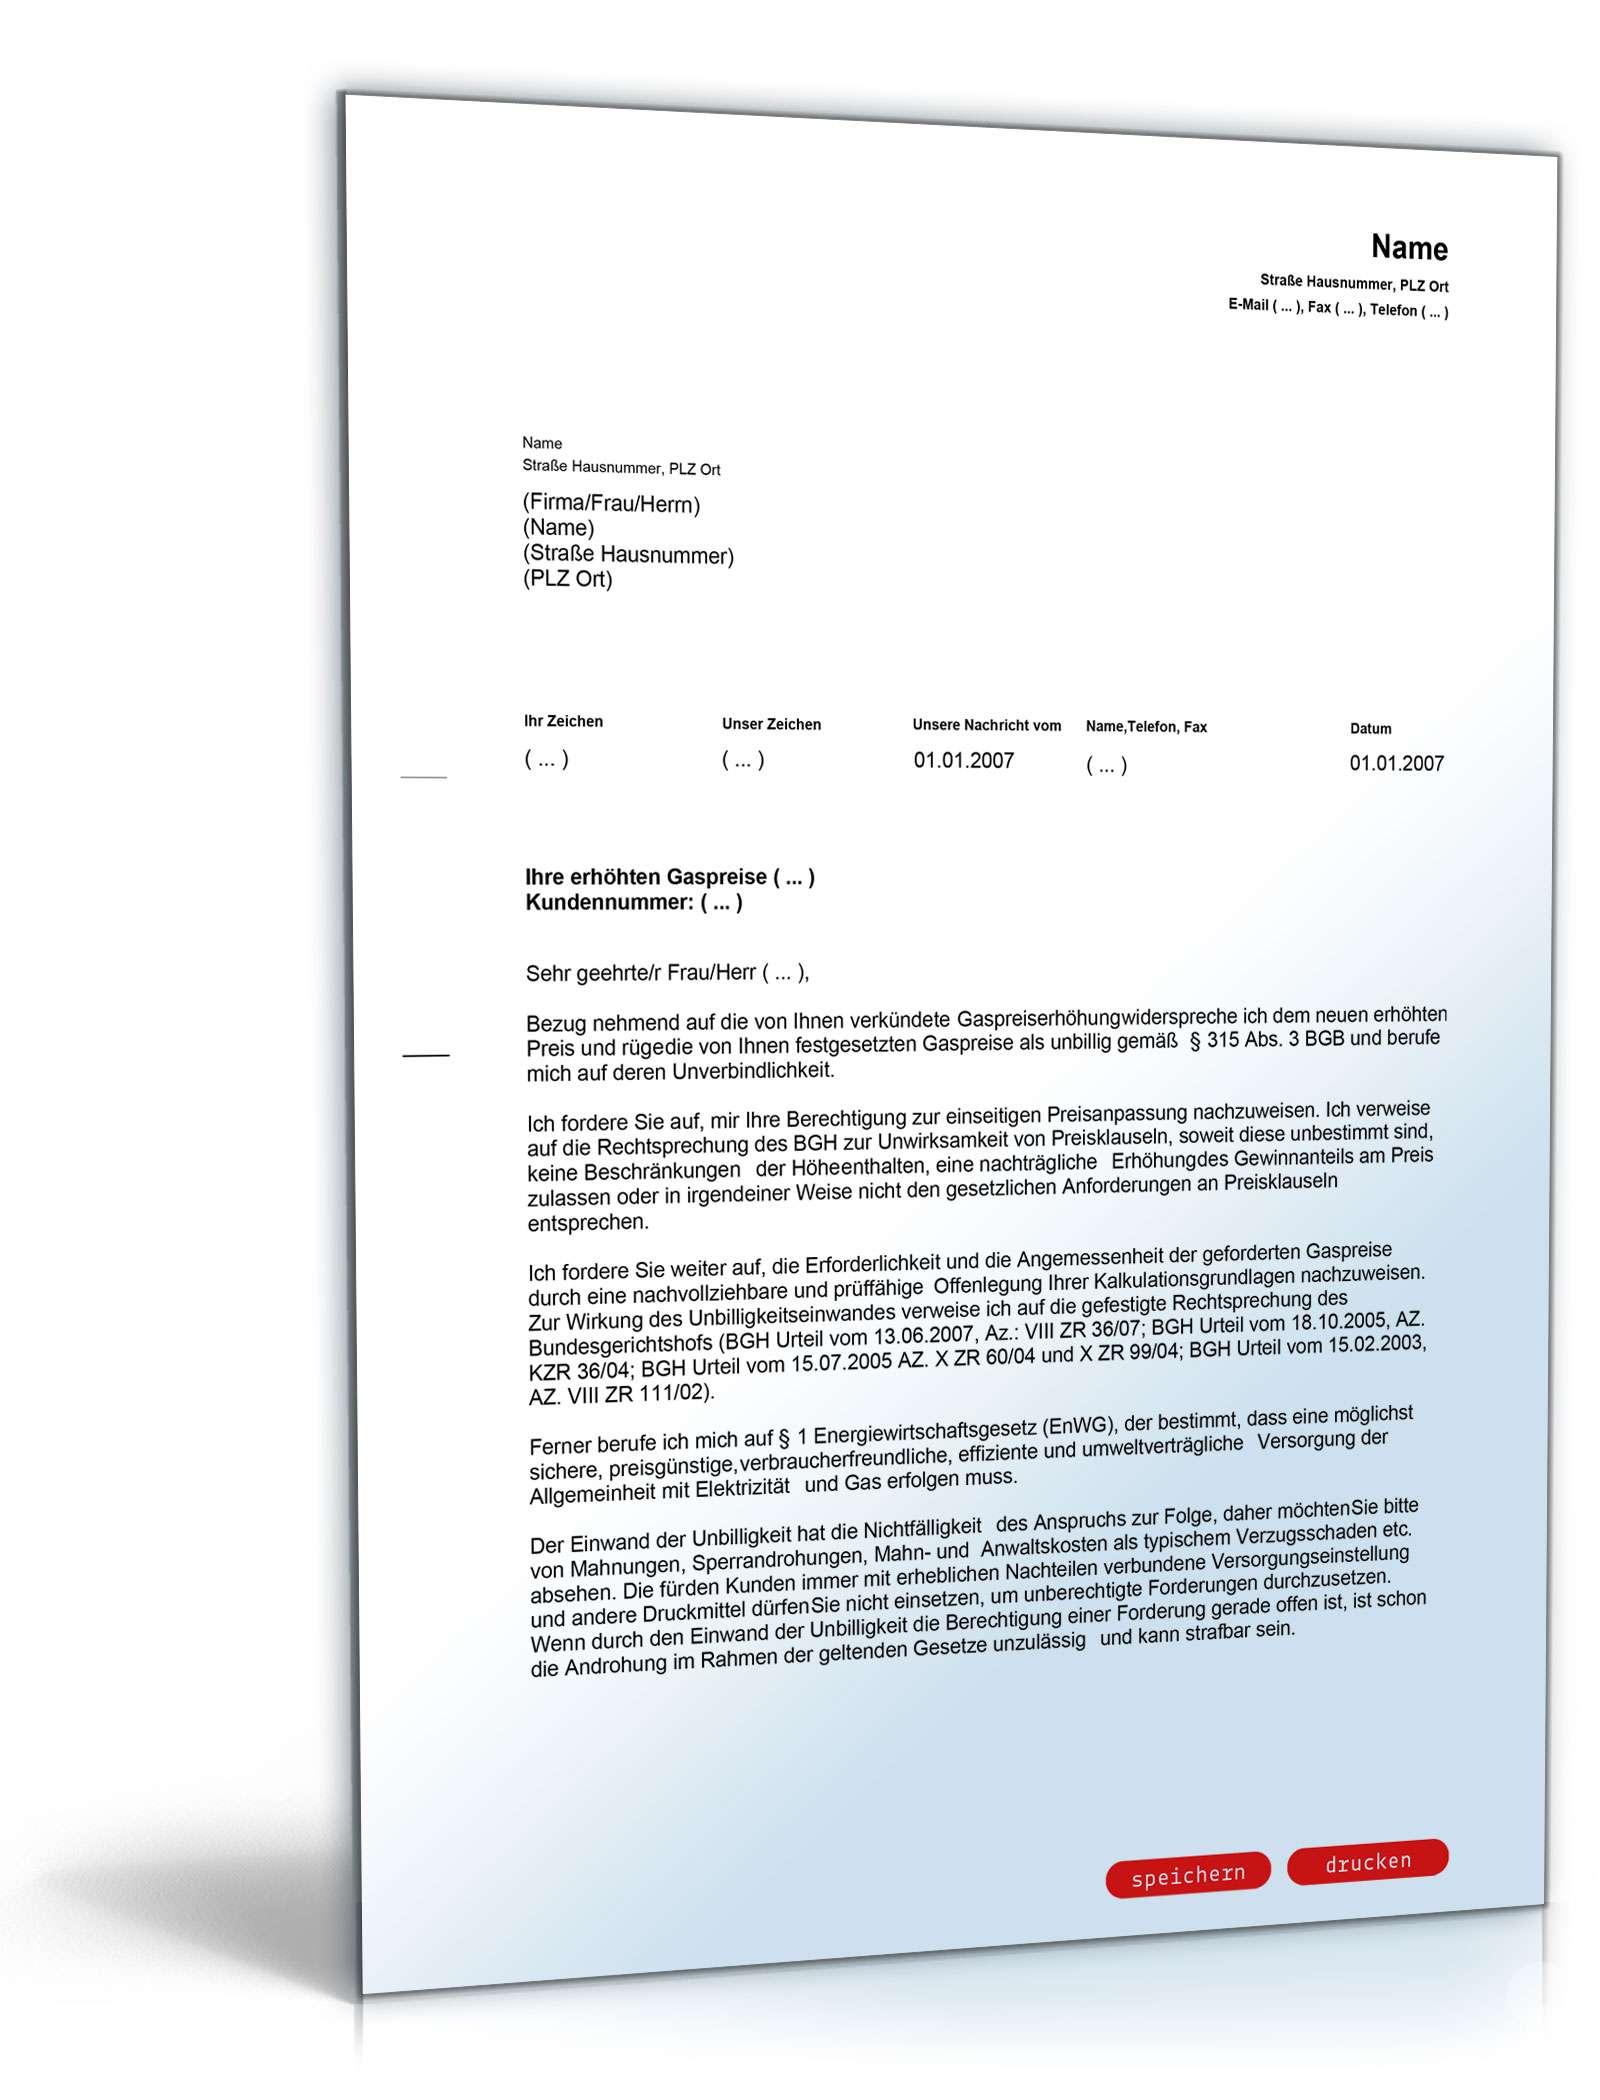 Widerspruch Preiserhohung Gasversorger Muster Zum Download